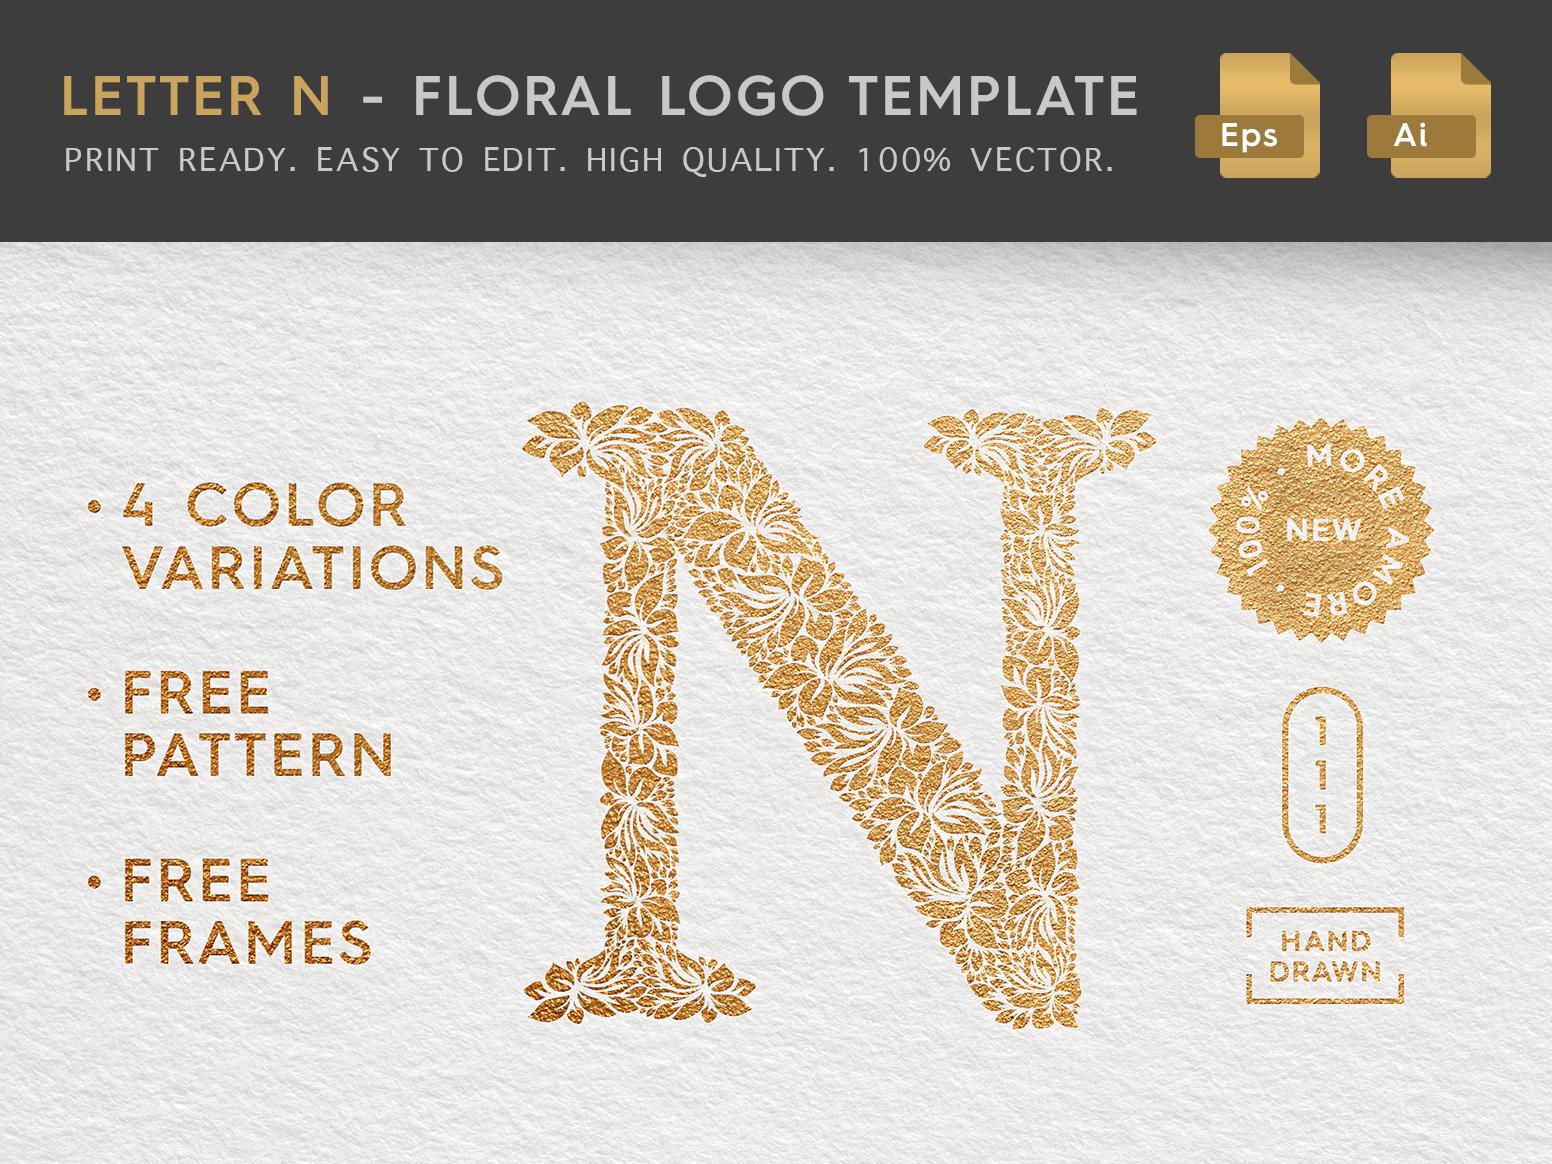 Floral letter n logo behance header